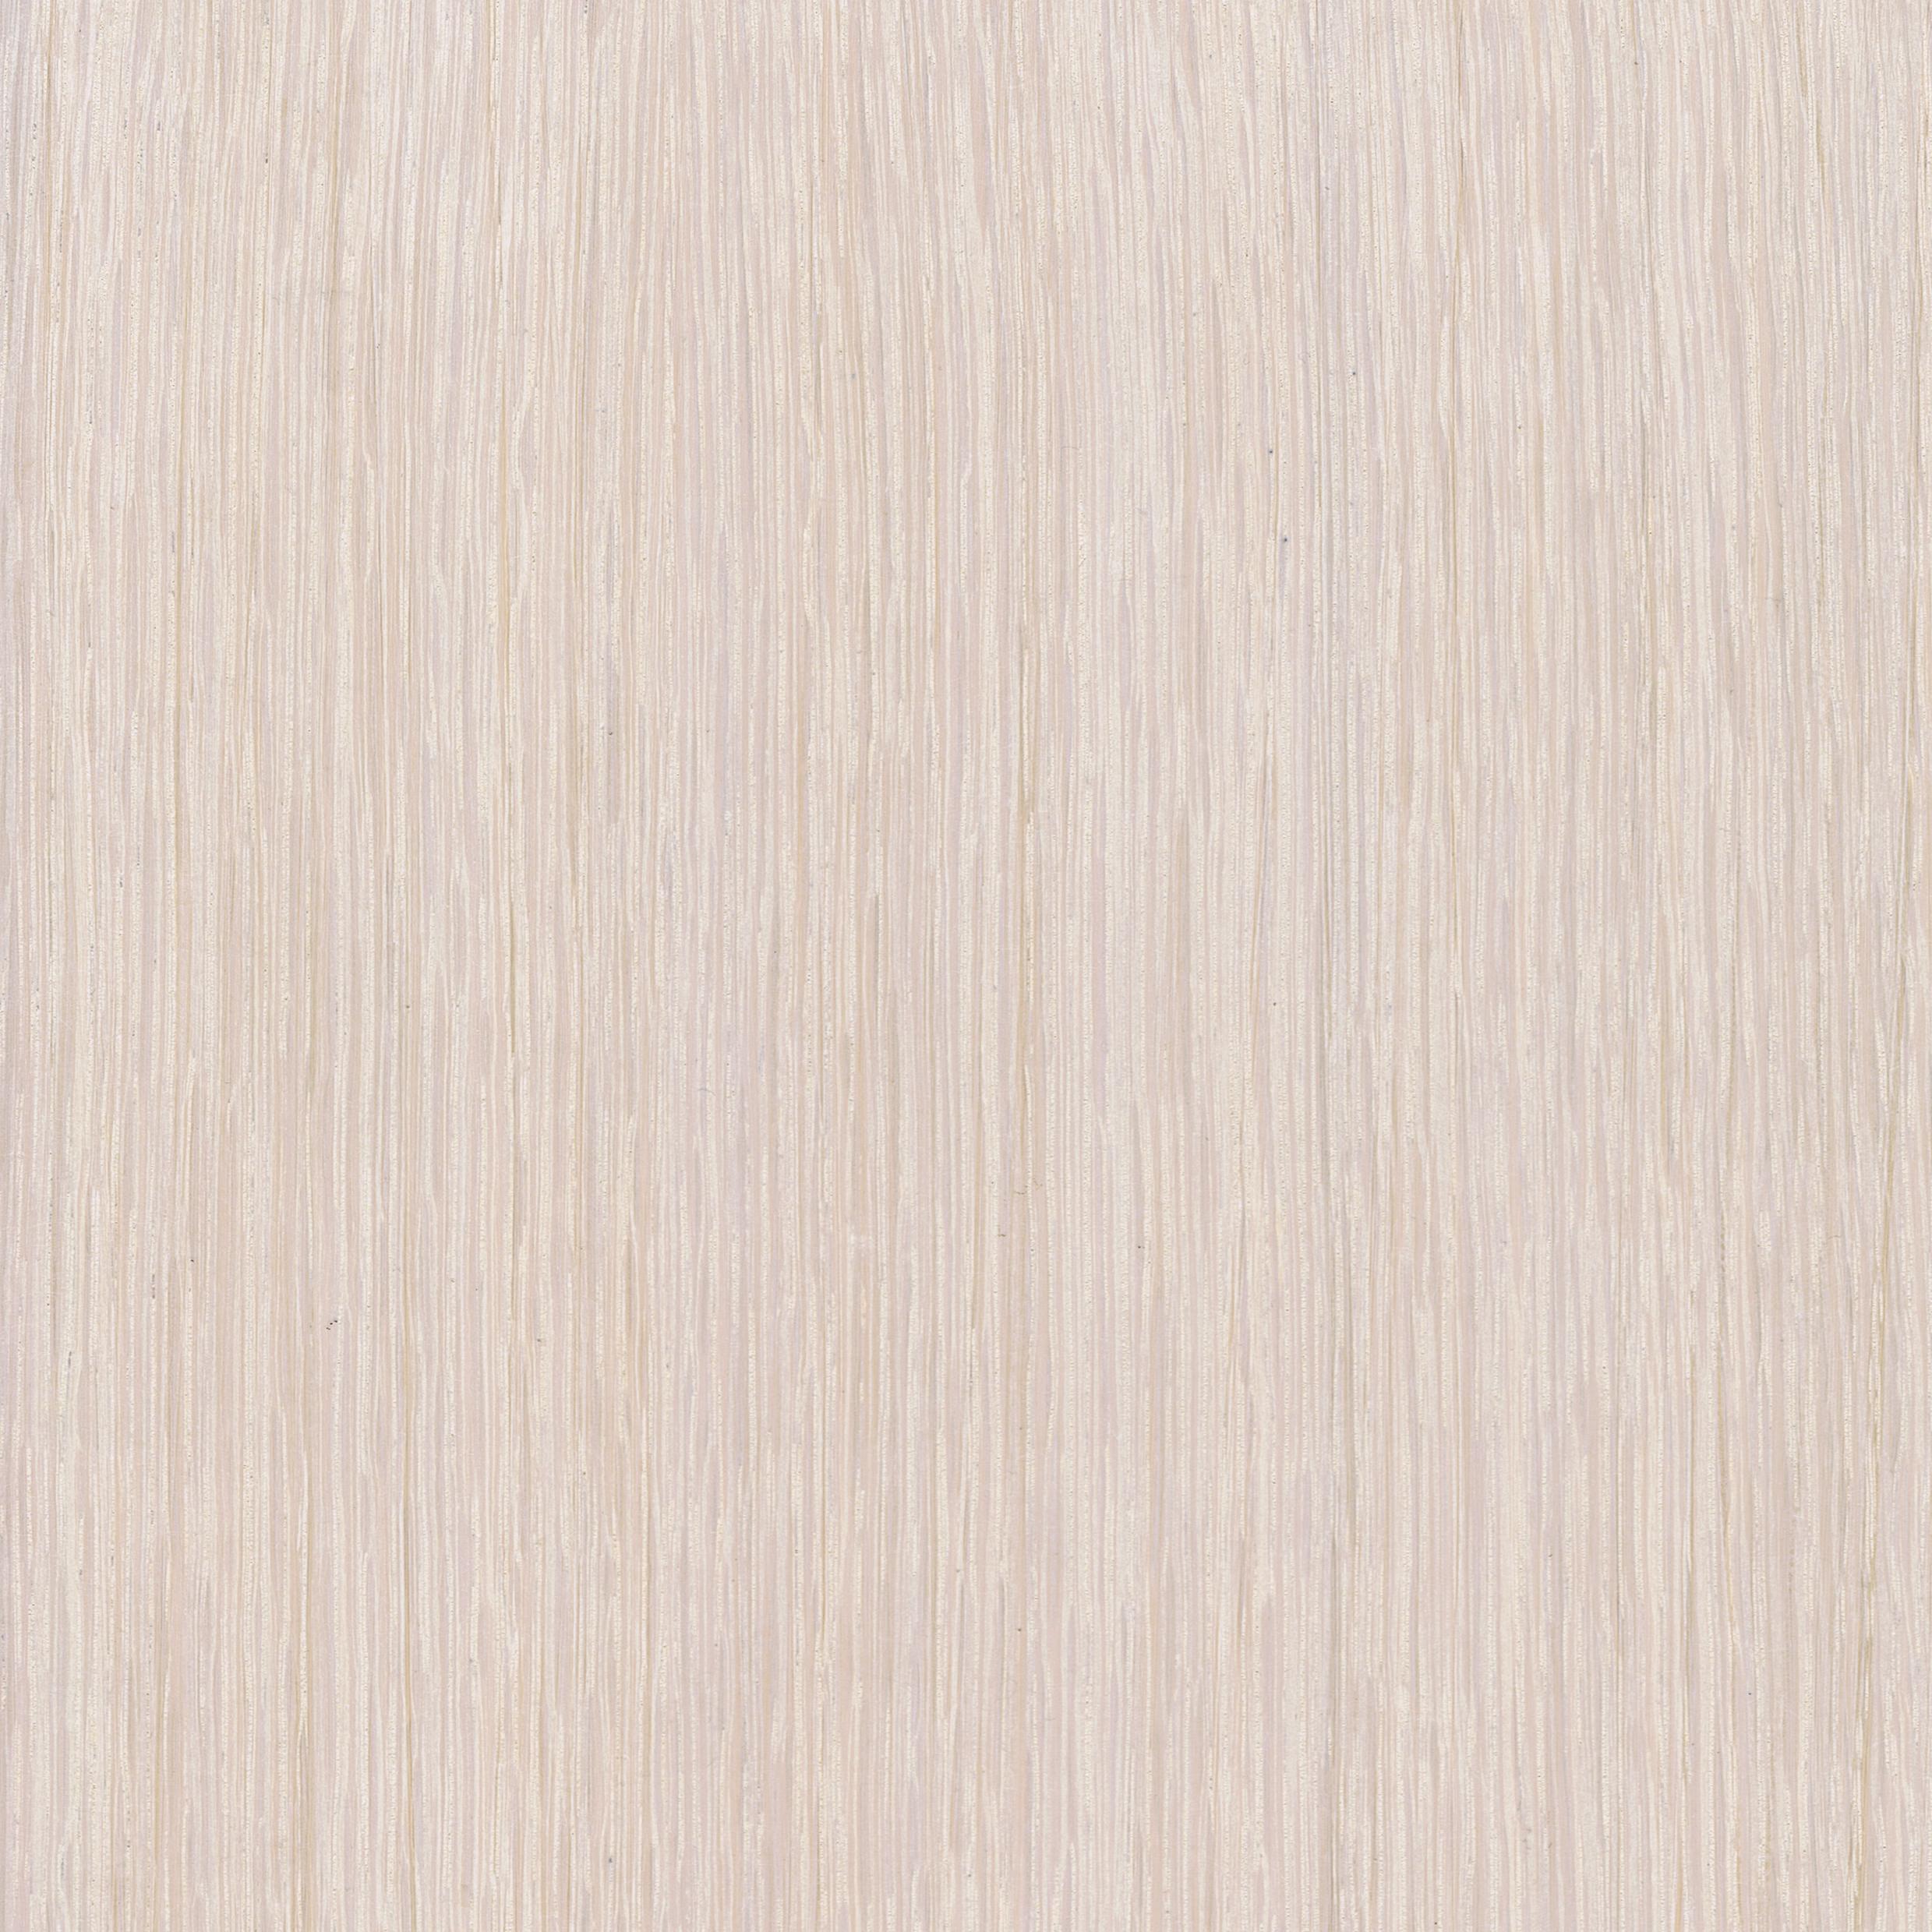 WD-3 Bleached Oak